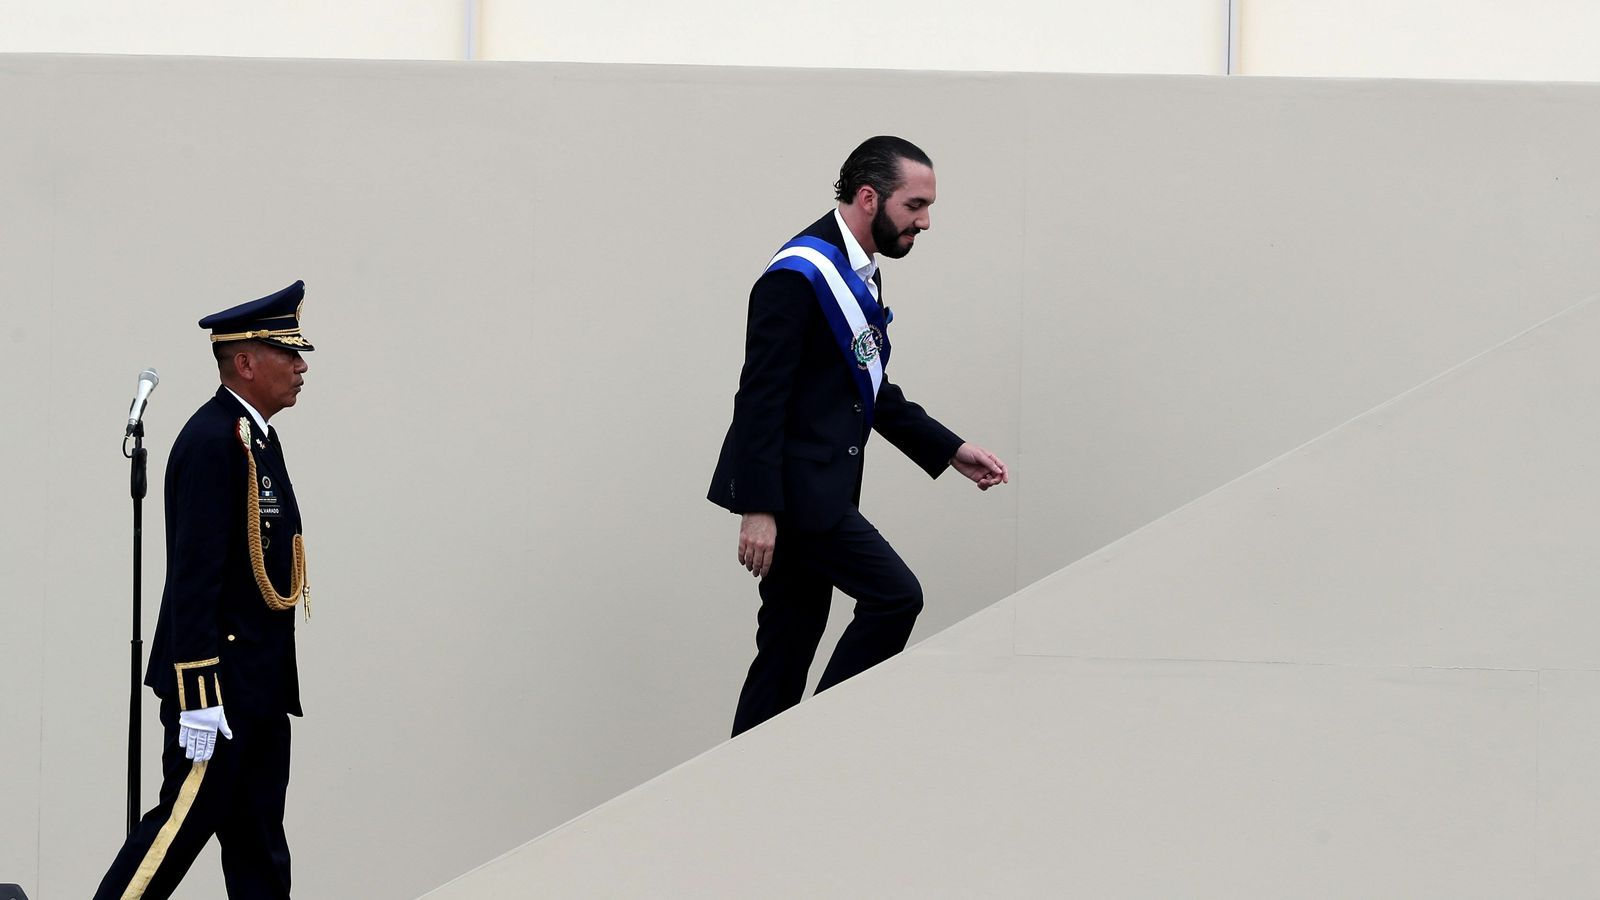 Bukele pujant les escales per fer el seu primer discurs com a president del Salvador després d'haver assumit el càrrec